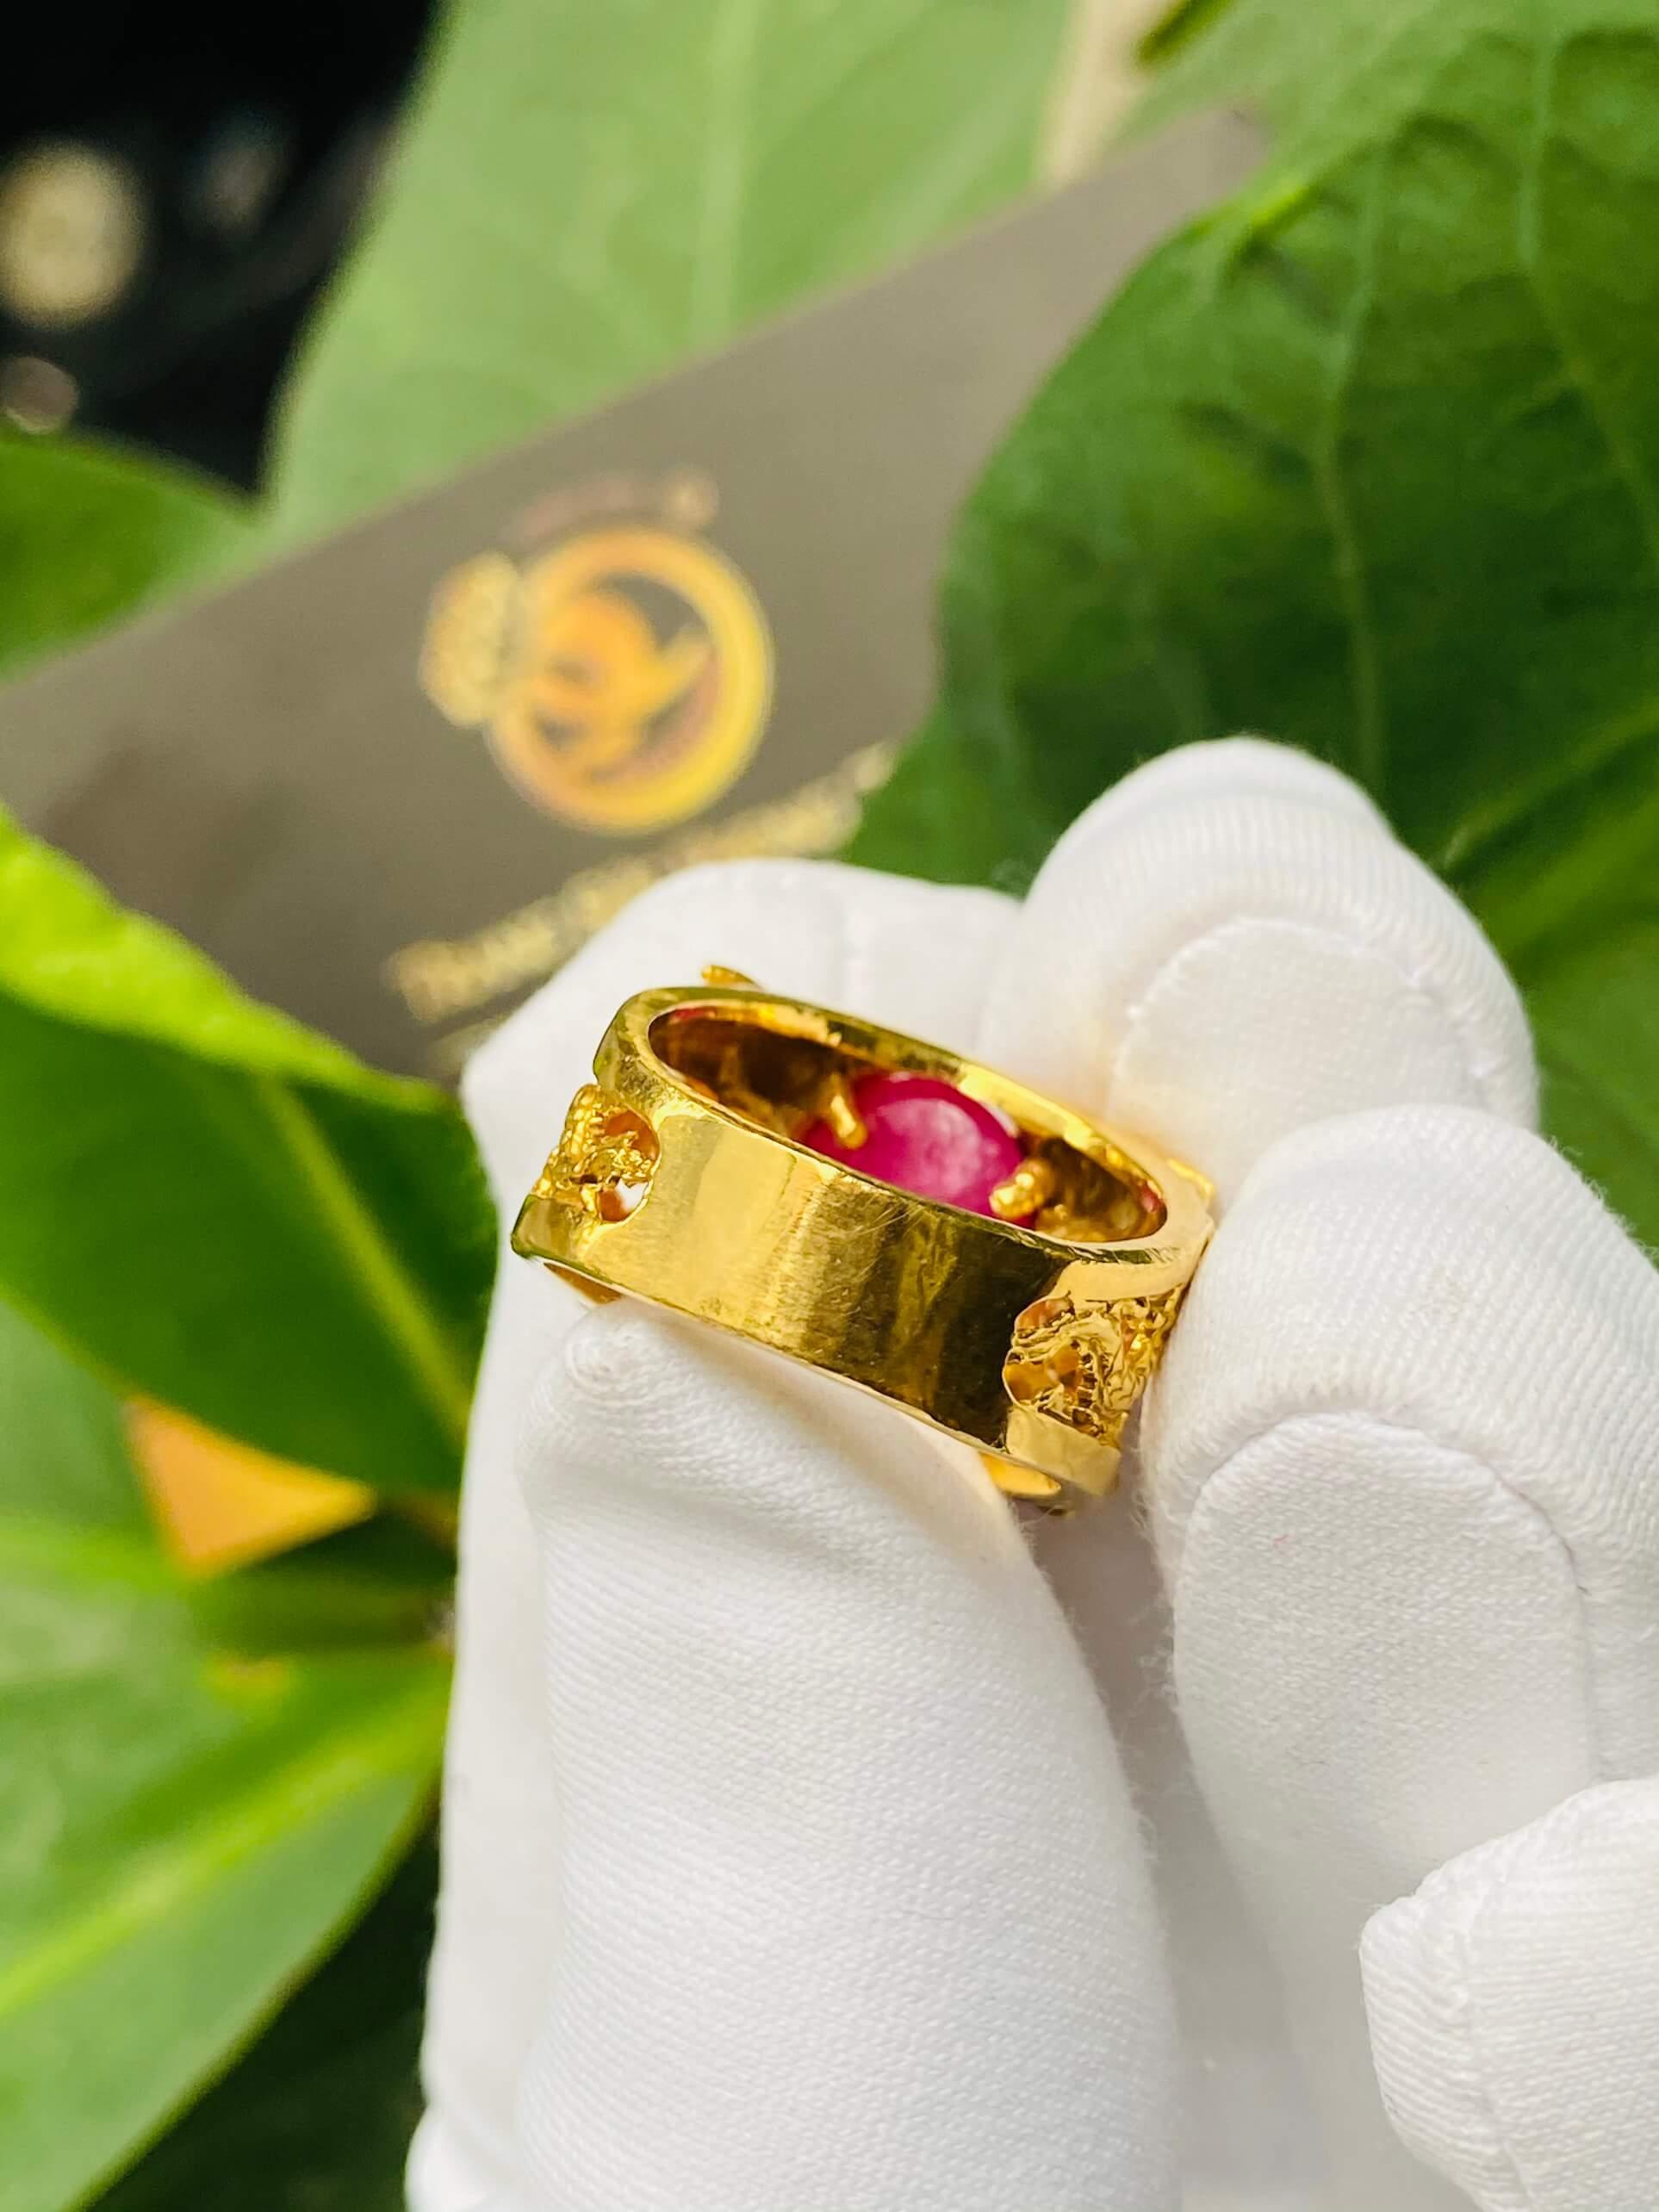 Nhẫn Lục Long vàng Mini chầu Ngọc Ruby - Đeo ngón út thiết kế bởi Riogems